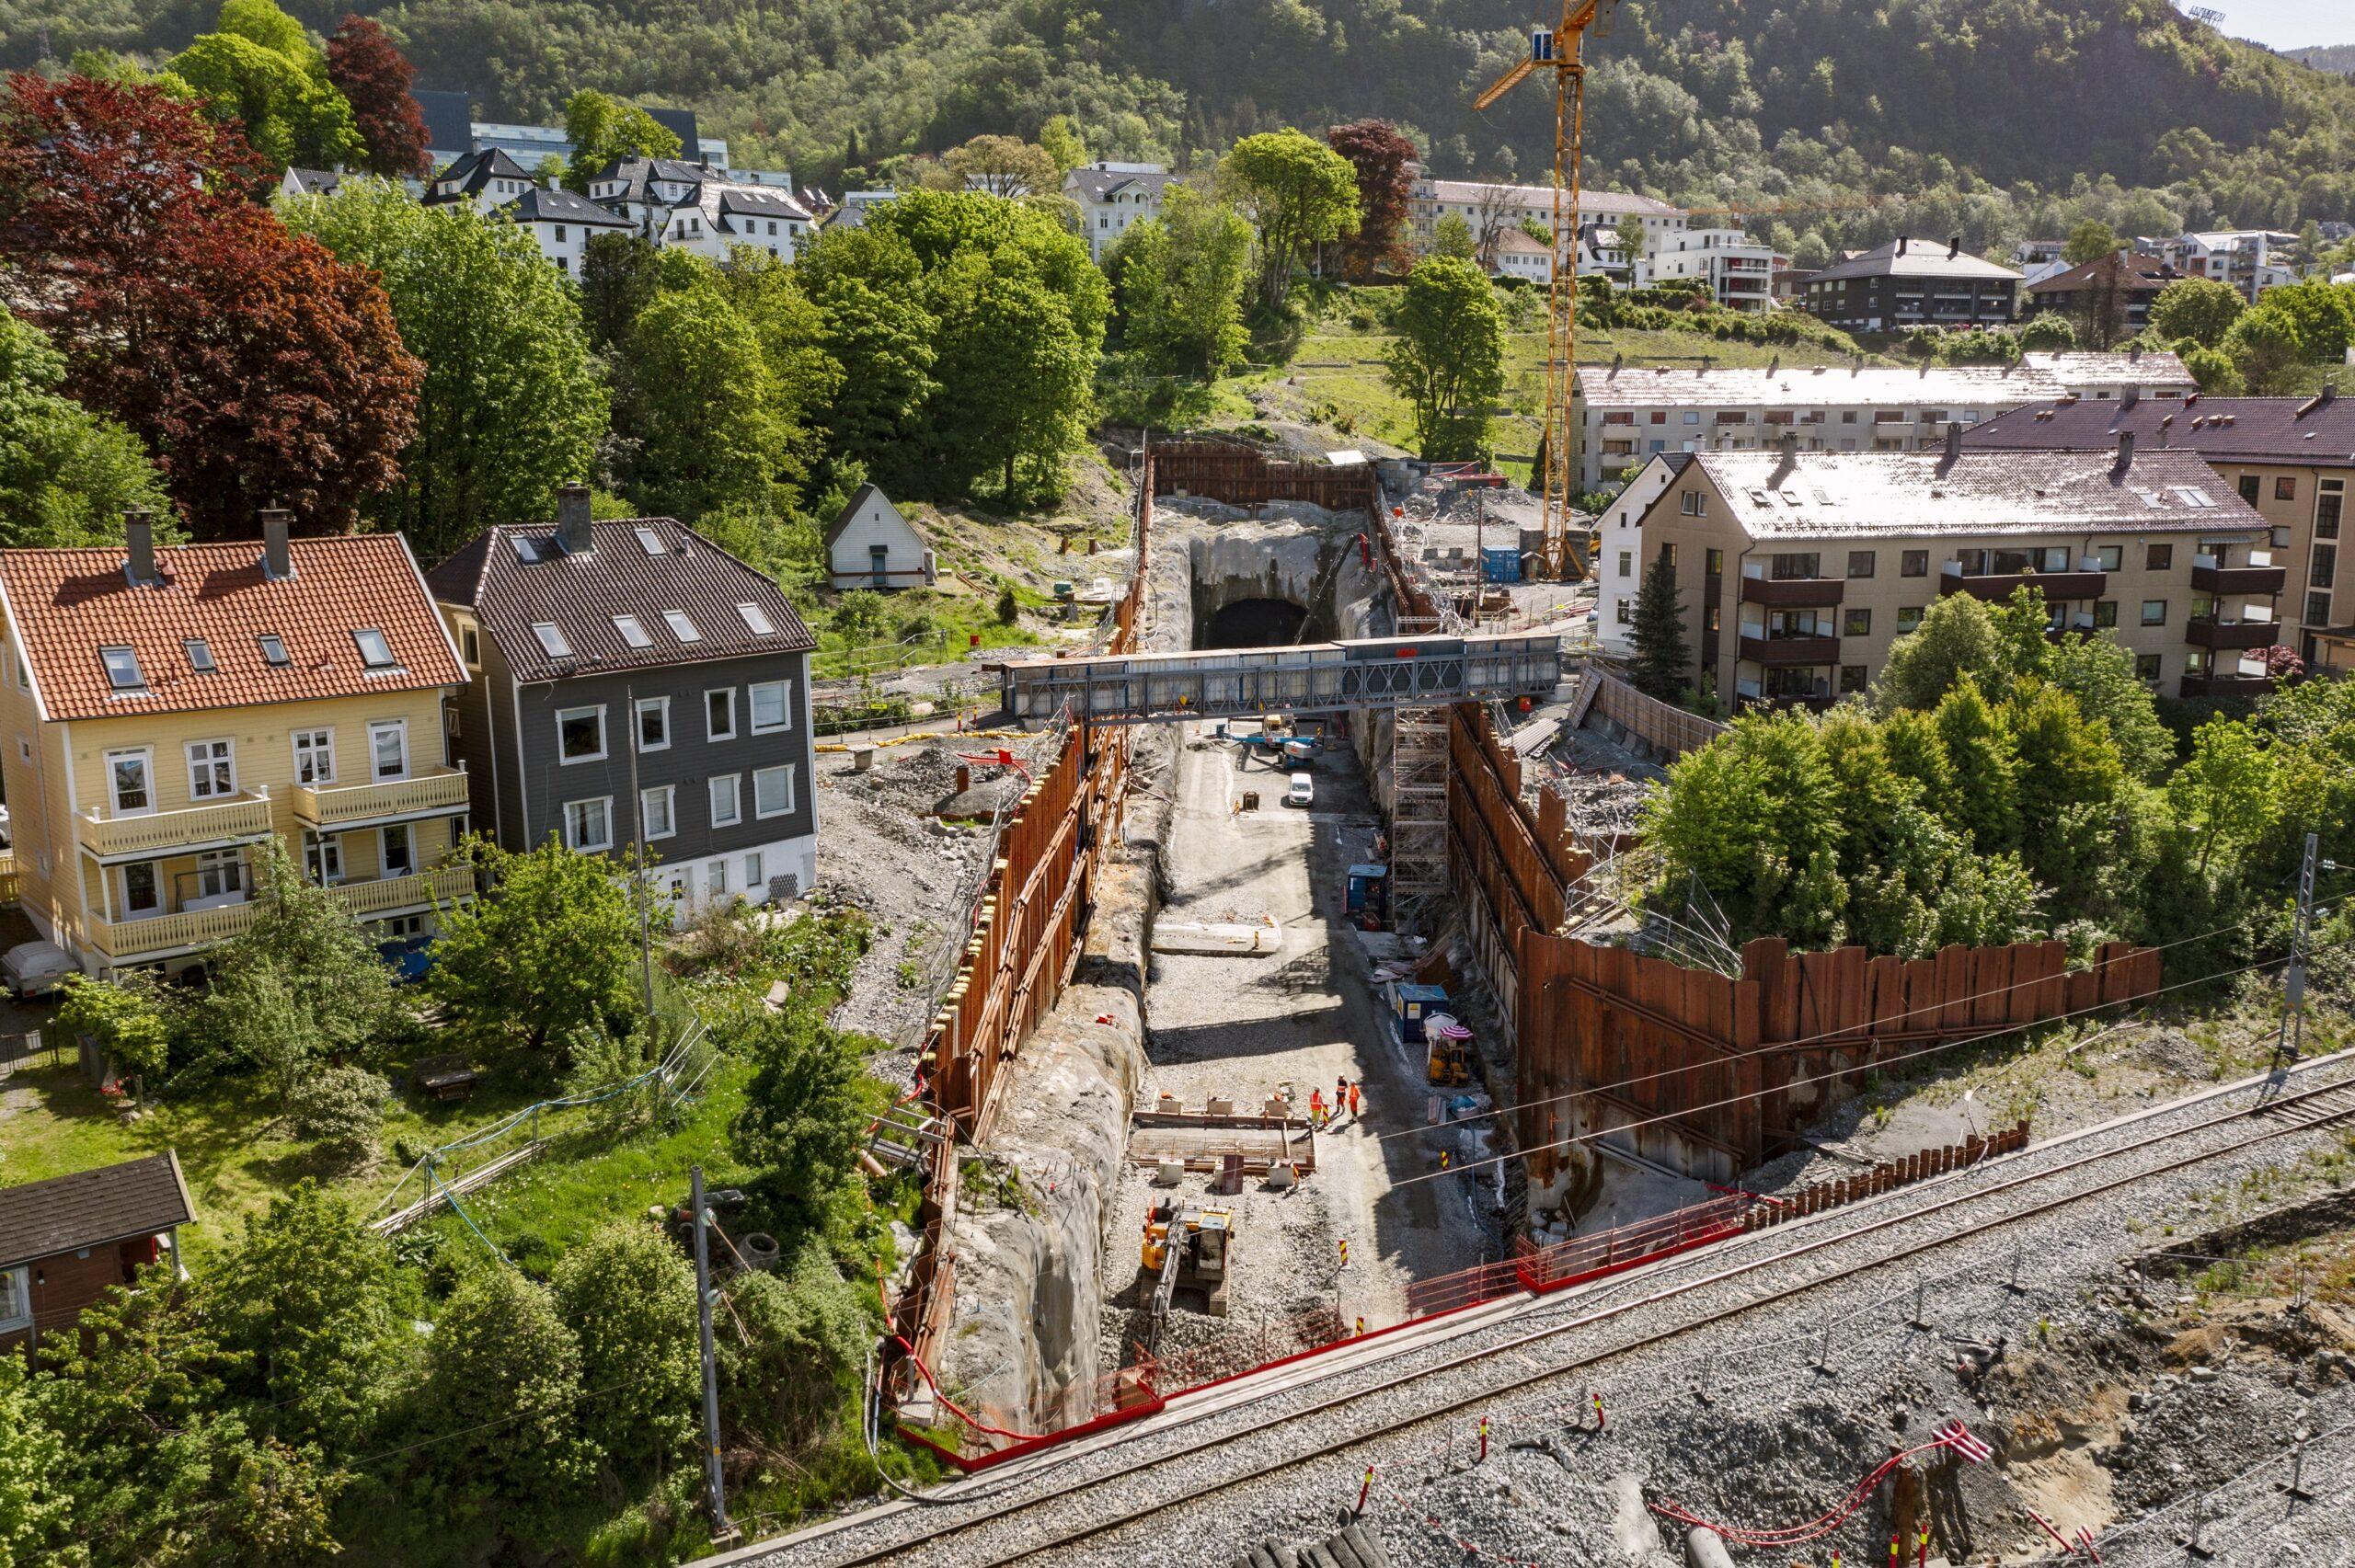 Bybanen under bygging, oversikt over parsellhagen